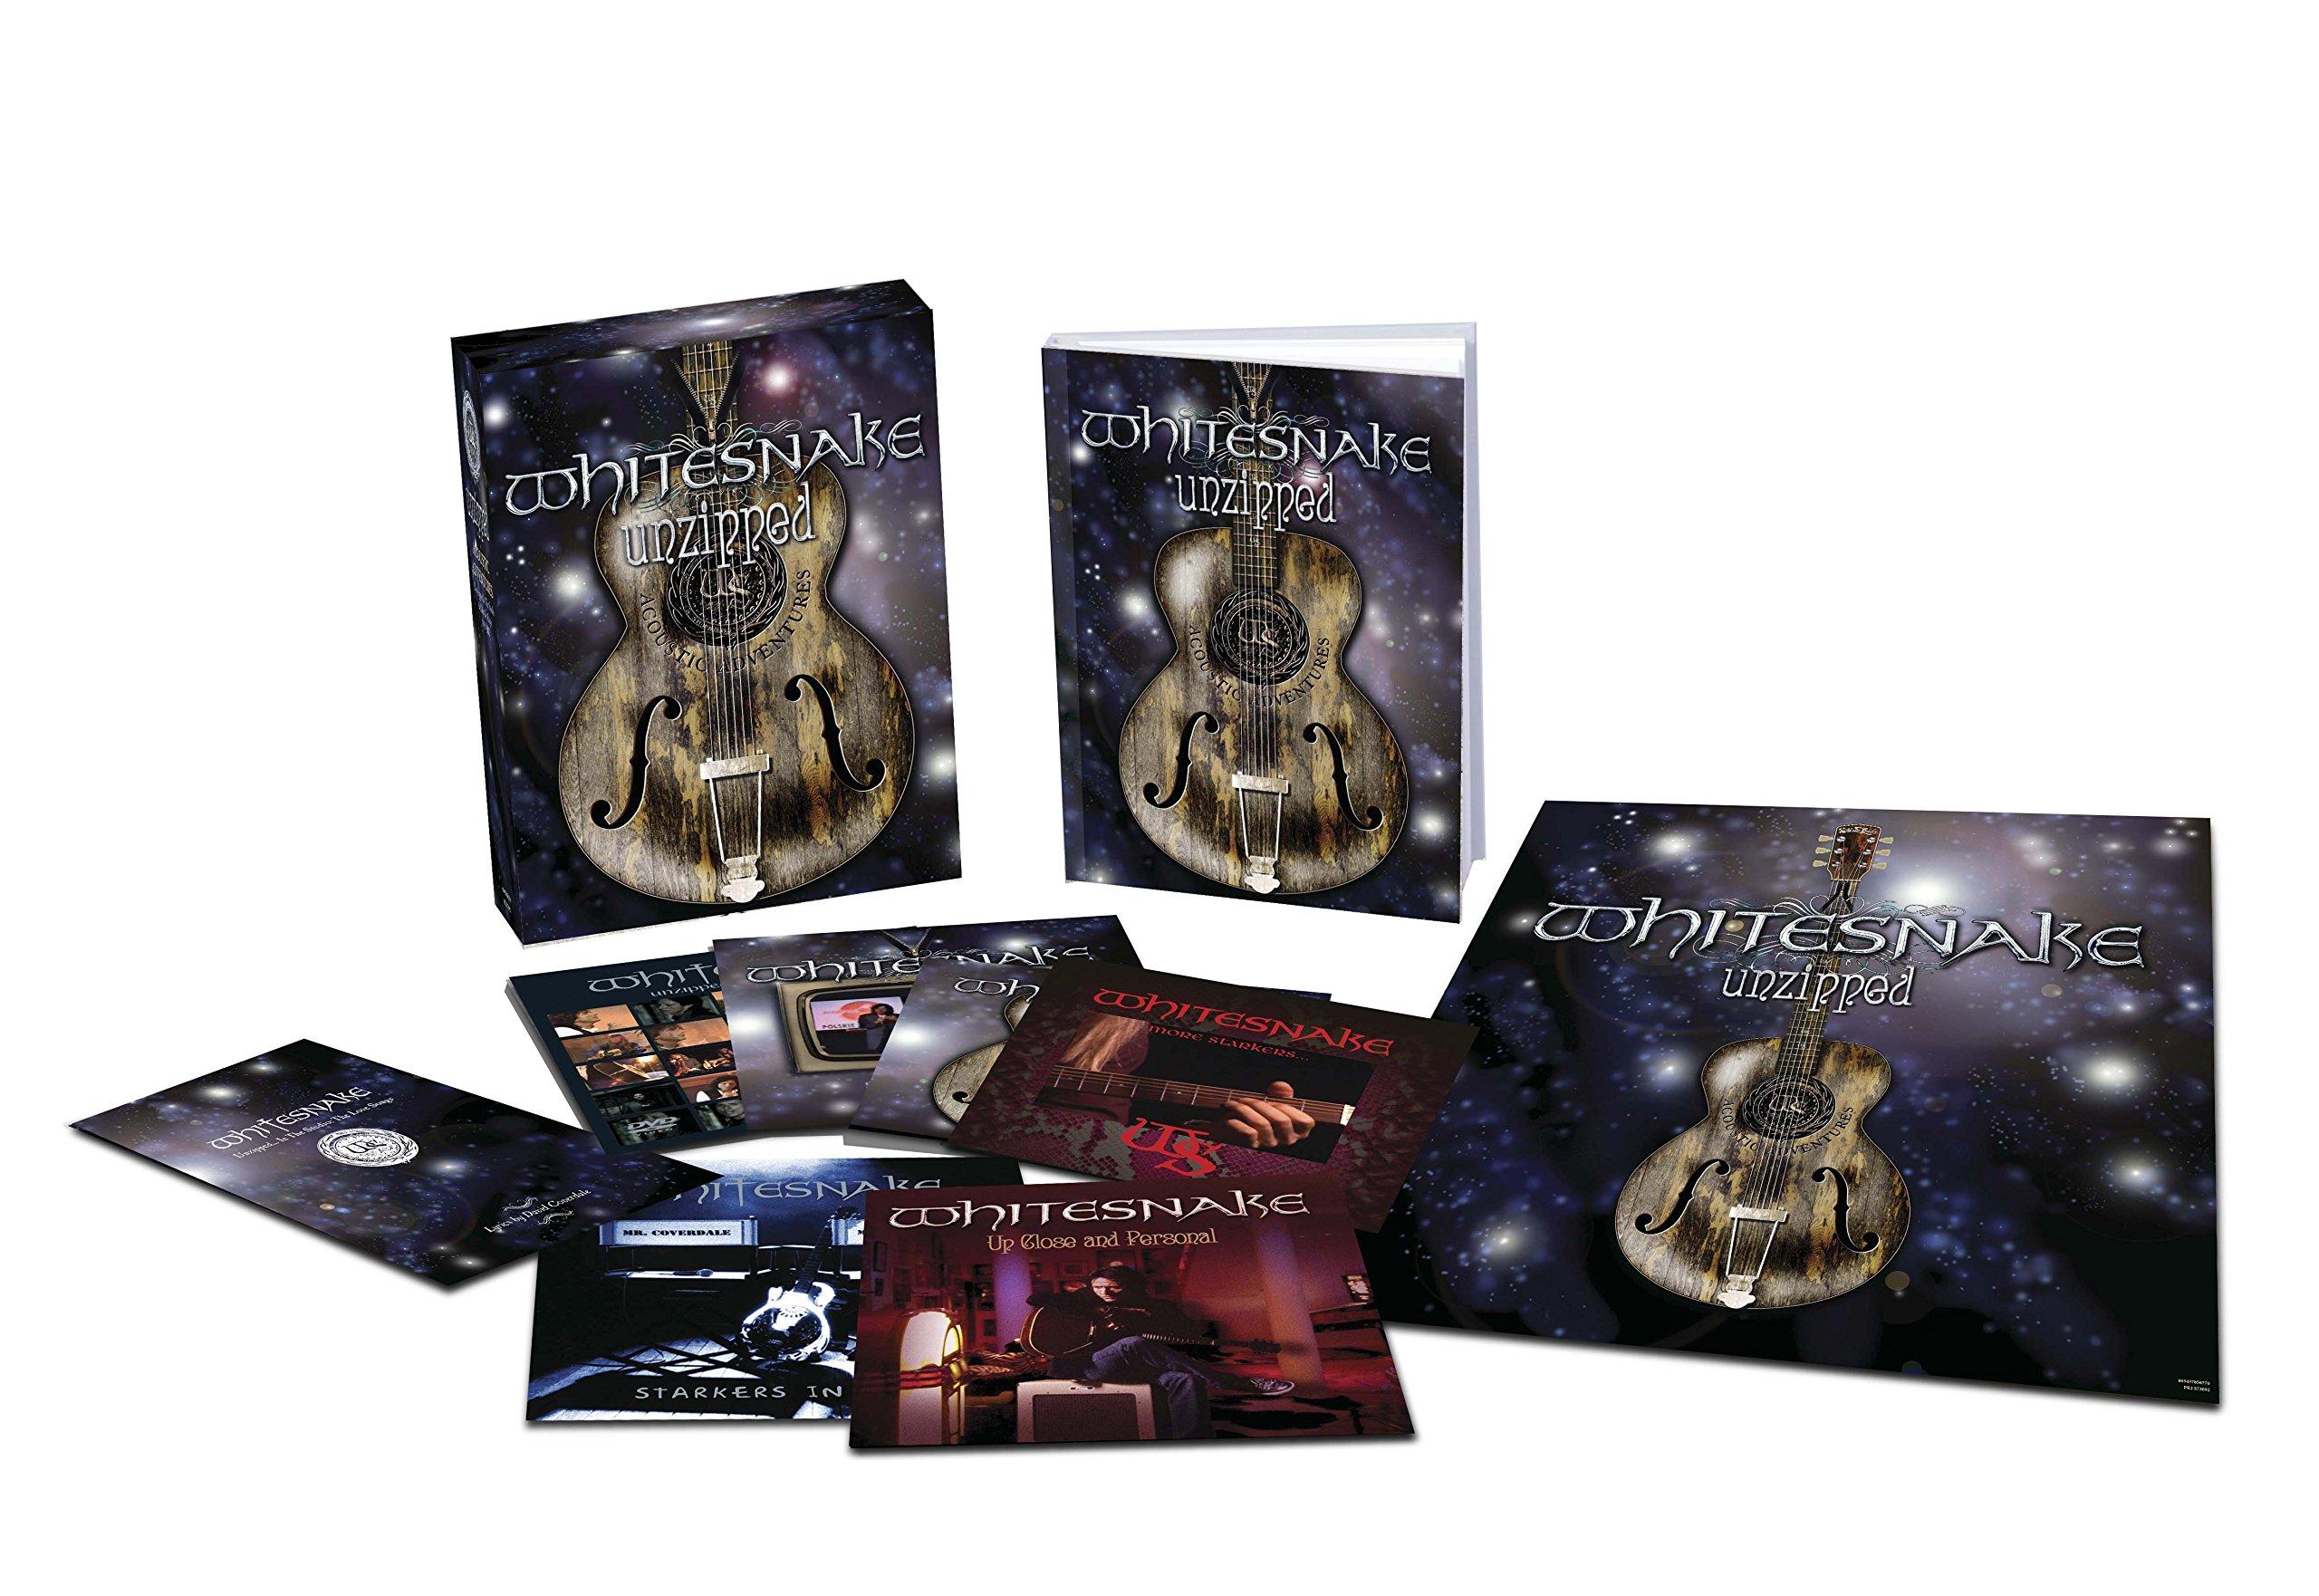 CD : Whitesnake - Whitesnake: Unzipped (super Deluxe Edition)(5cd/ 1dvd) (With DVD, Deluxe Edition)